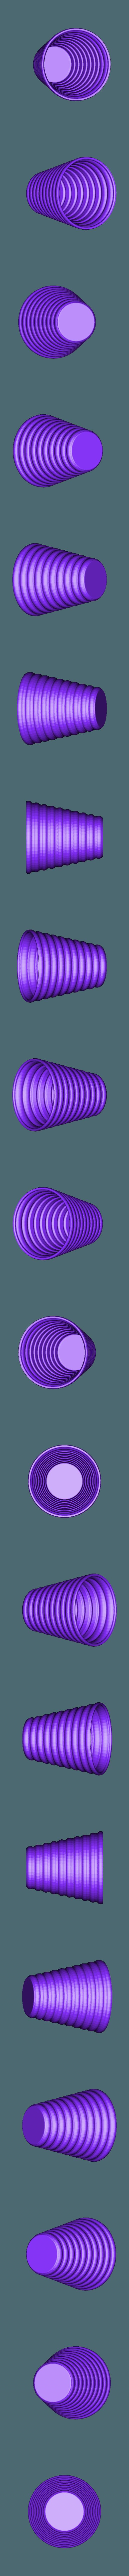 glass_a.stl Télécharger fichier STL gratuit vitre • Plan imprimable en 3D, przemek